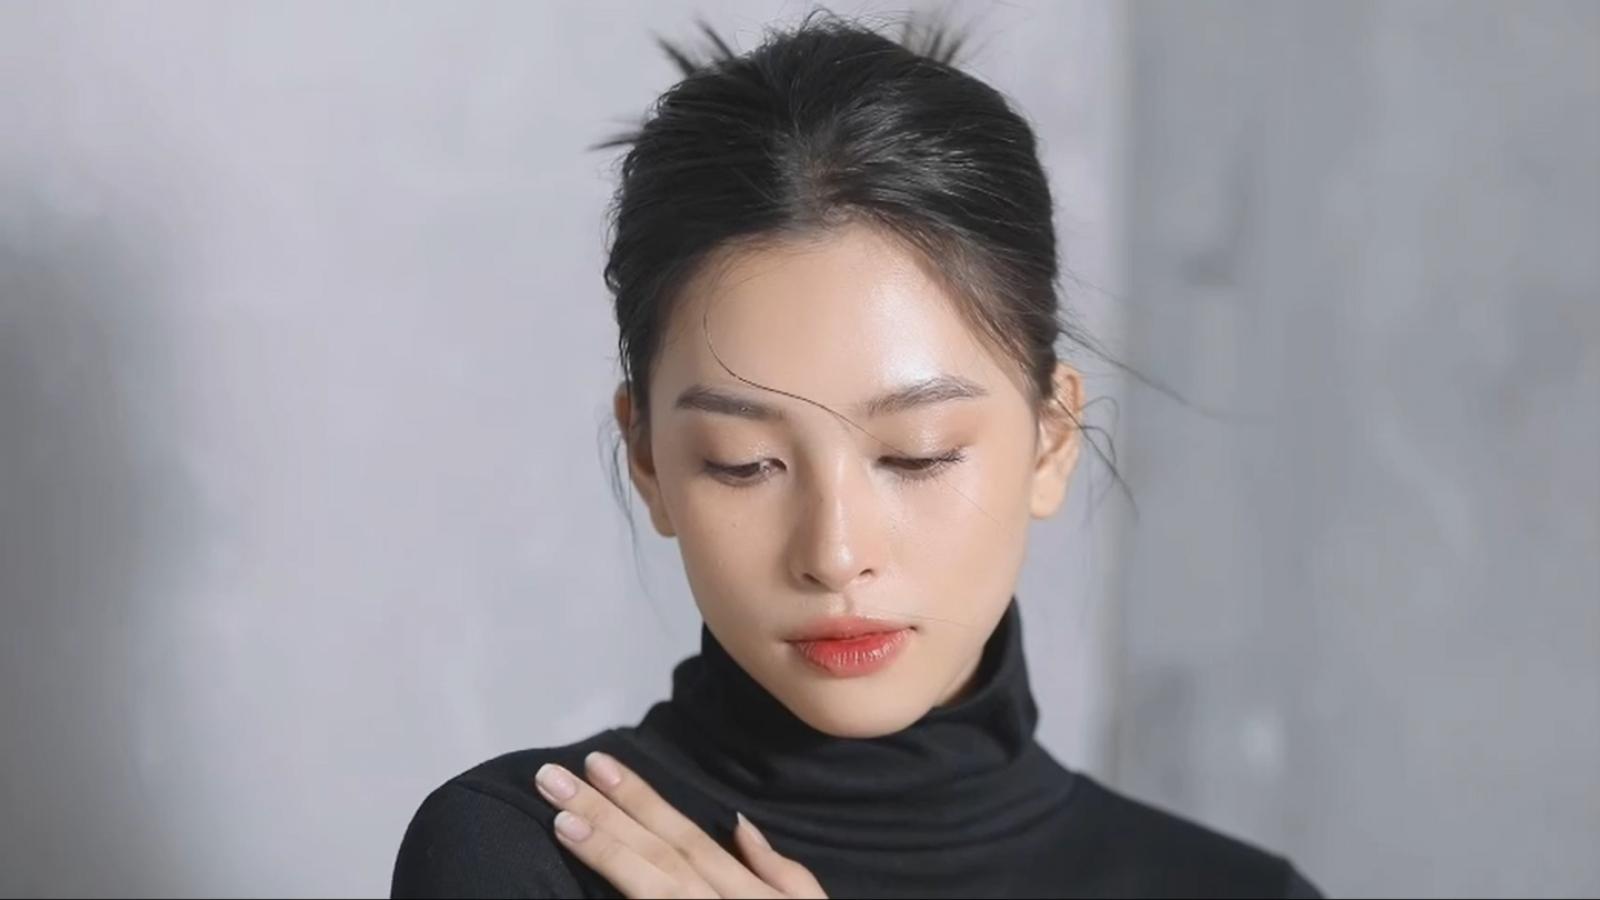 """Tiểu Vy khiến người hâm mộ xao xuyến với vẻ đẹp mong manh khi hoá """"nàng thơ"""""""